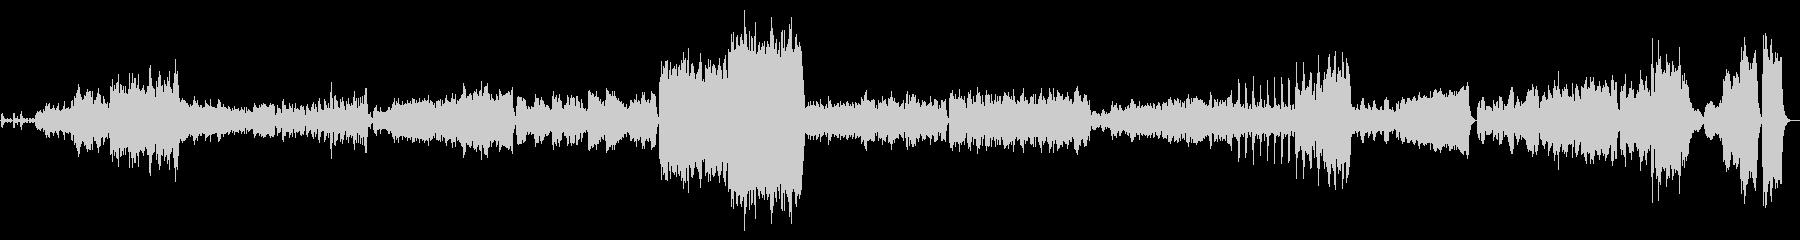 バロックのフォリアをオーケストラにの未再生の波形